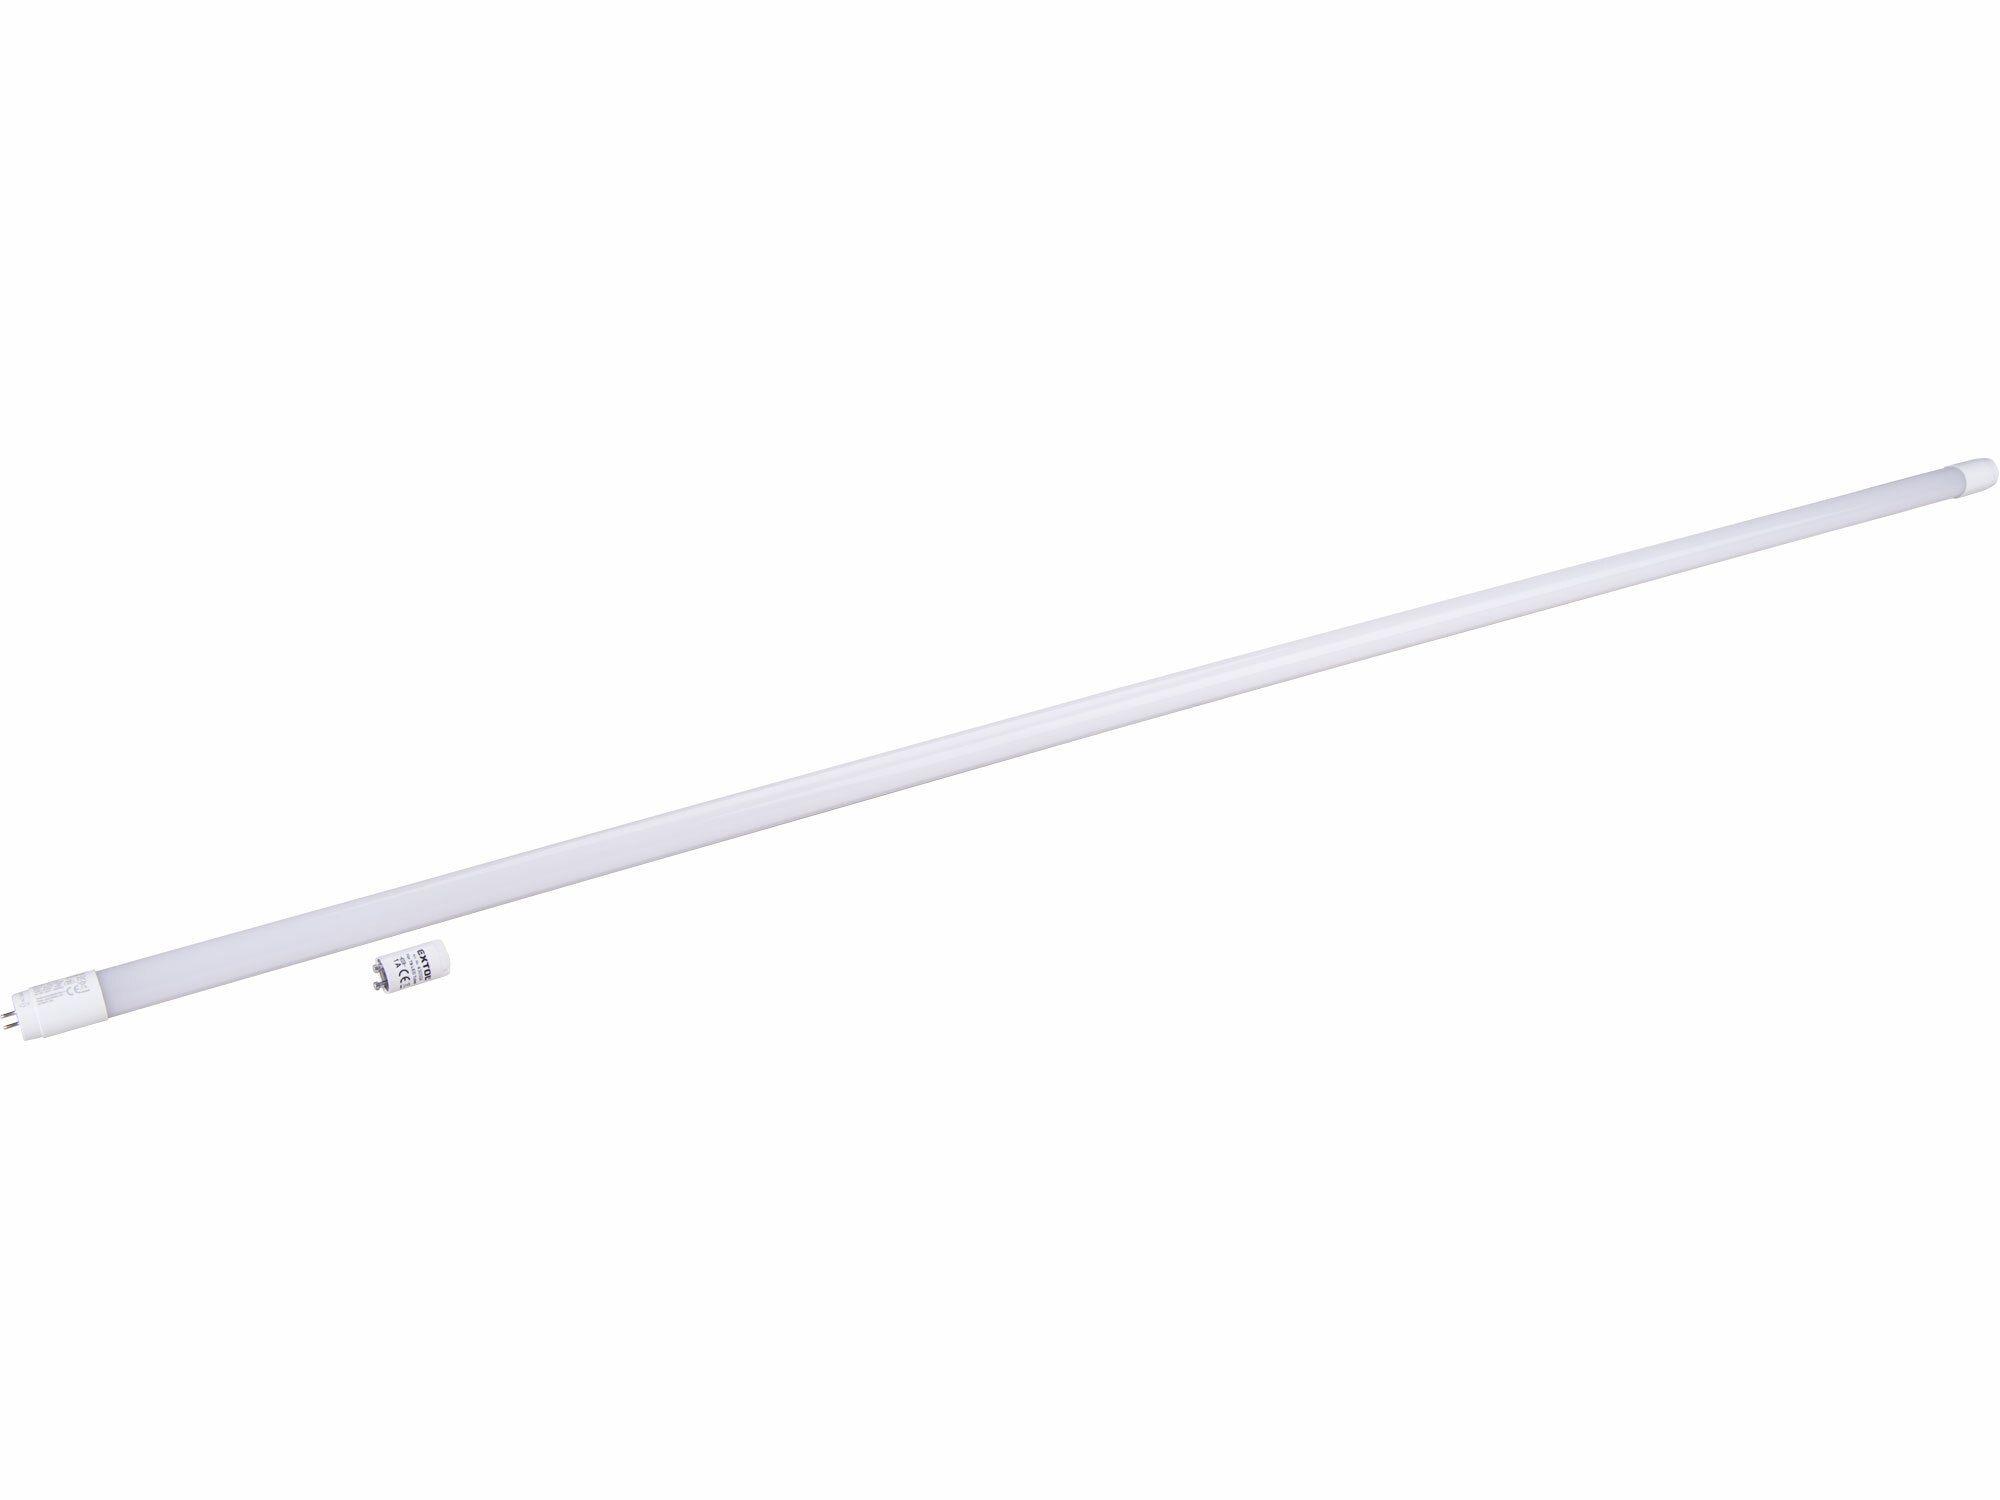 Zářivka LED, 150cm, 2200lm, T8, neutrální bílá, PC + ALU EXTOL-LIGHT